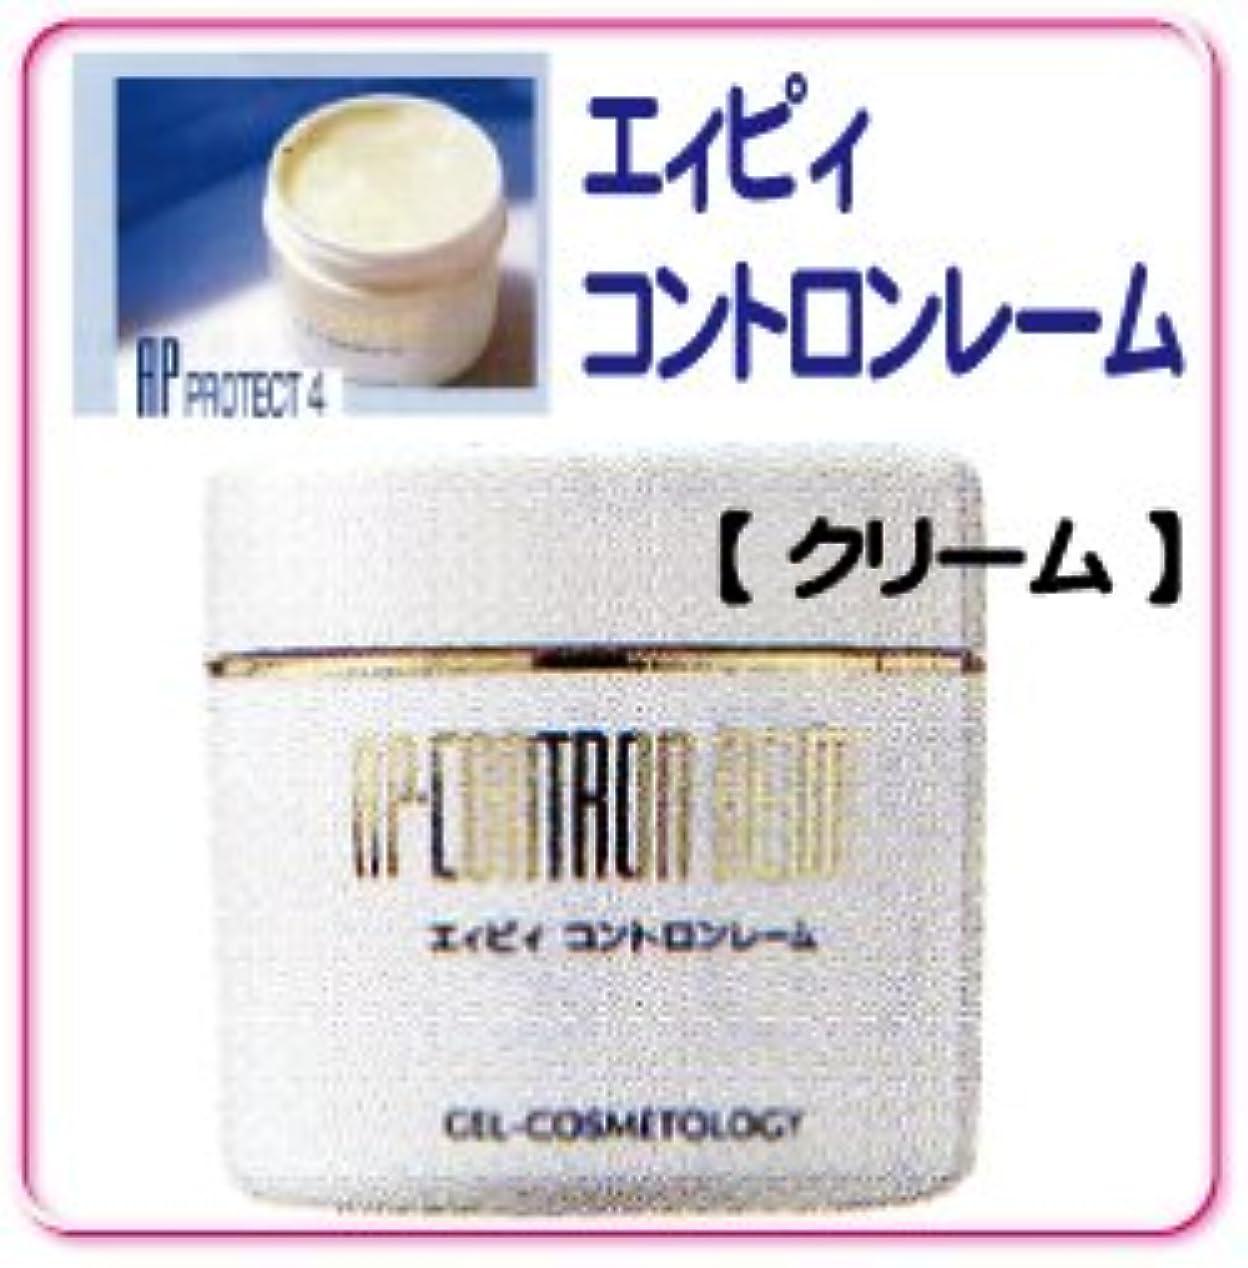 タイトル繊毛三角ベルマン化粧品 APprotectシリーズ  コントロンレーム  敏感肌用クリーム 110g